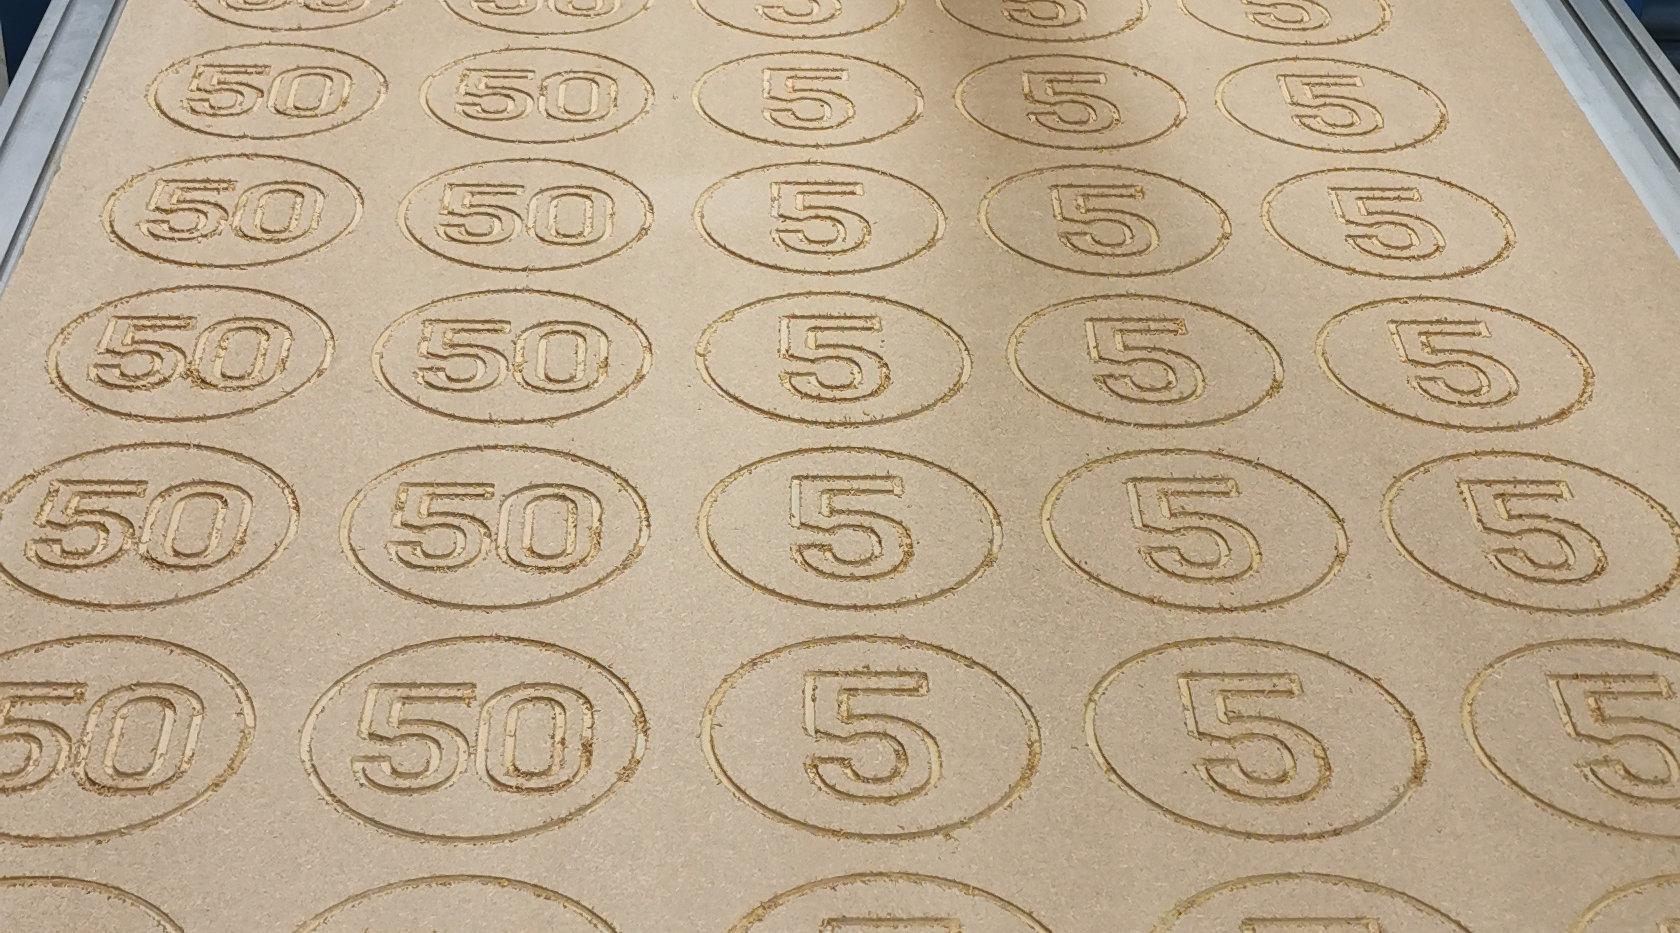 Houten munten in de maak